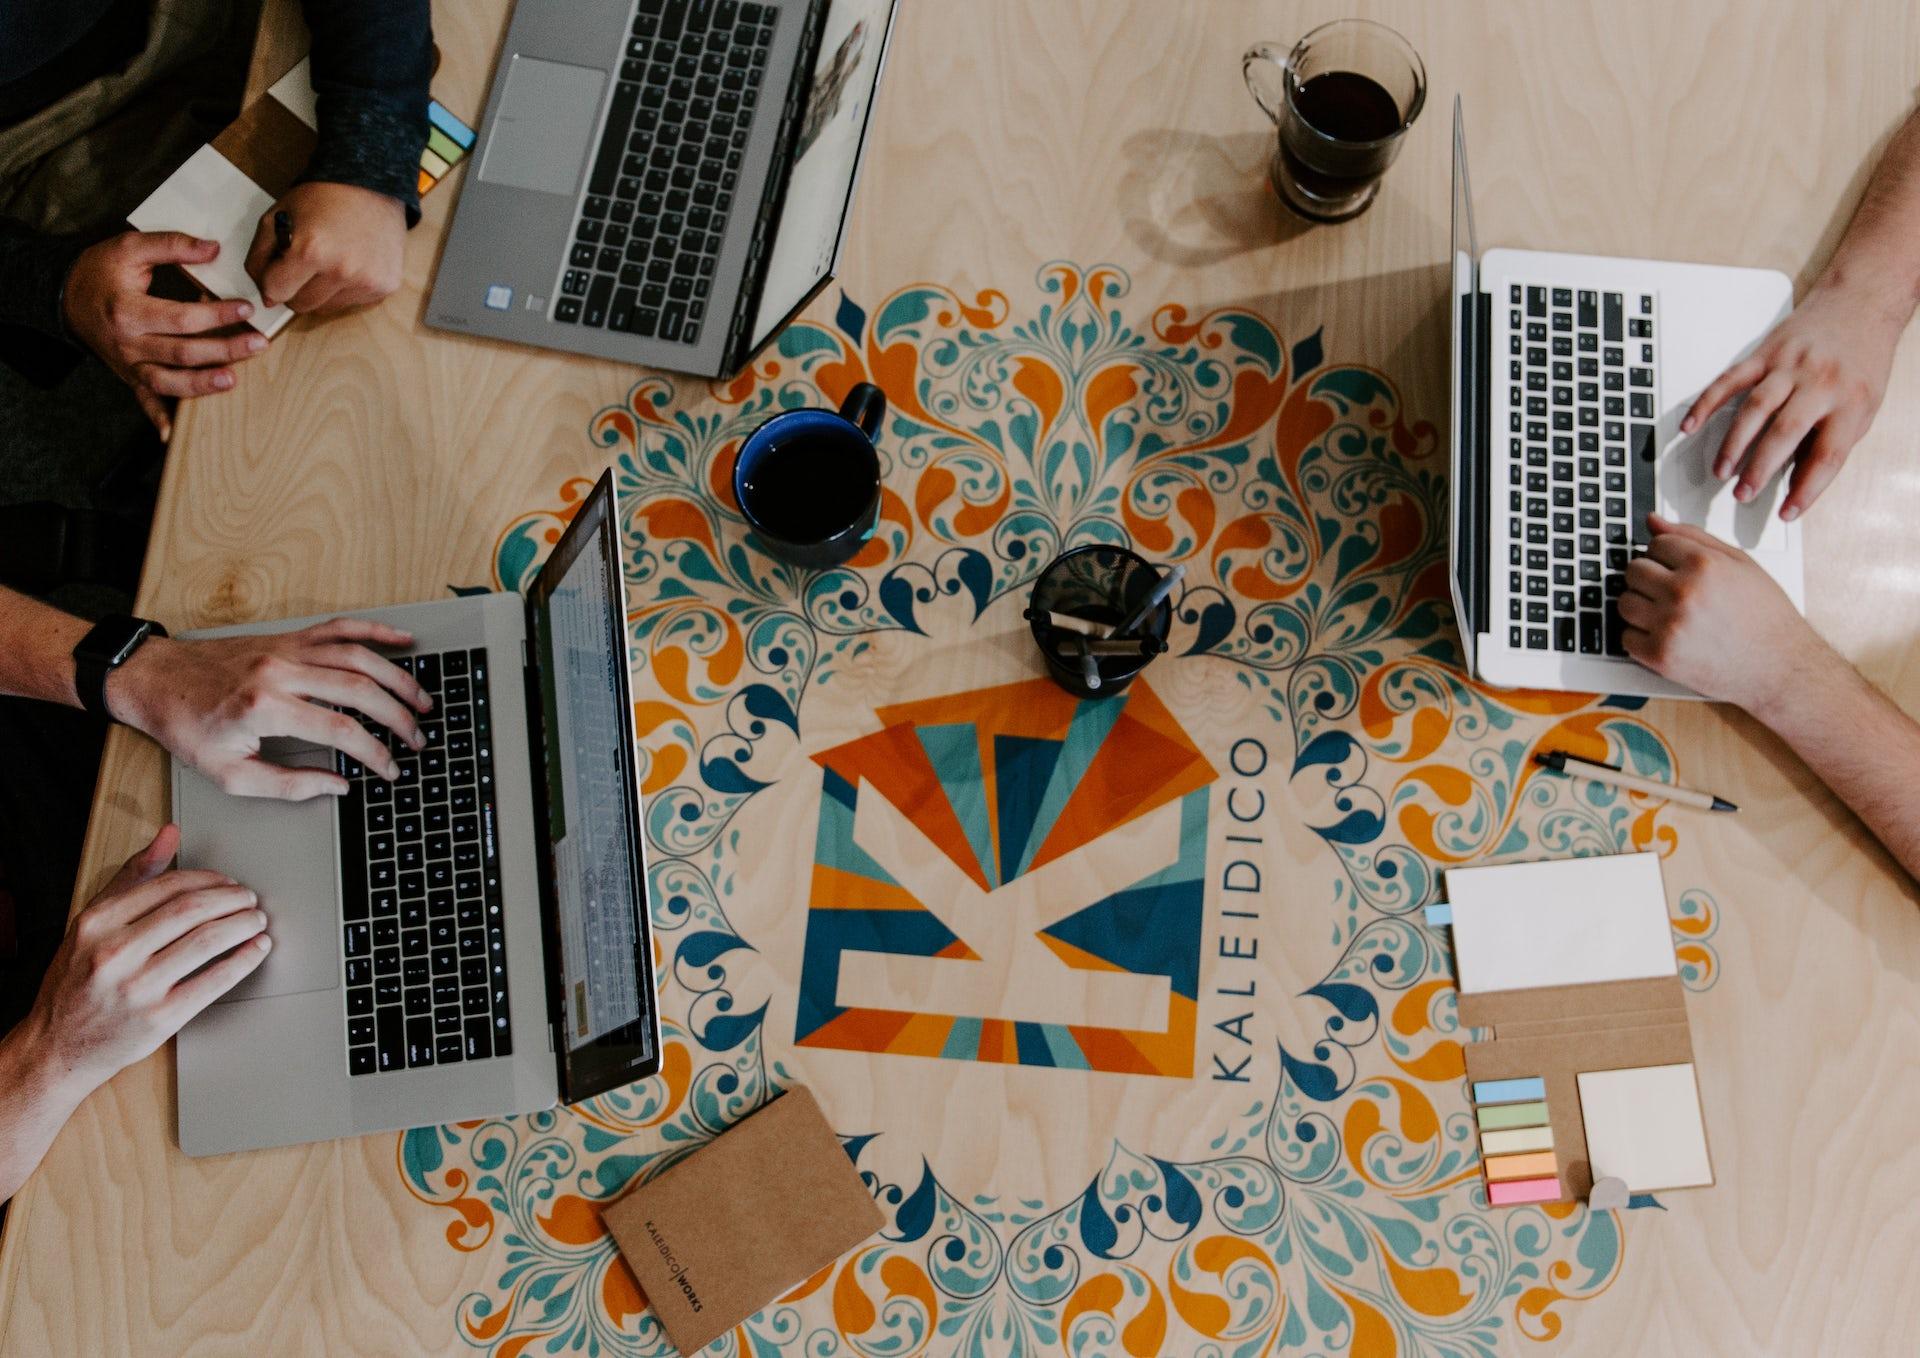 La rencontre des sciences humaines et sociales et de l'informatique